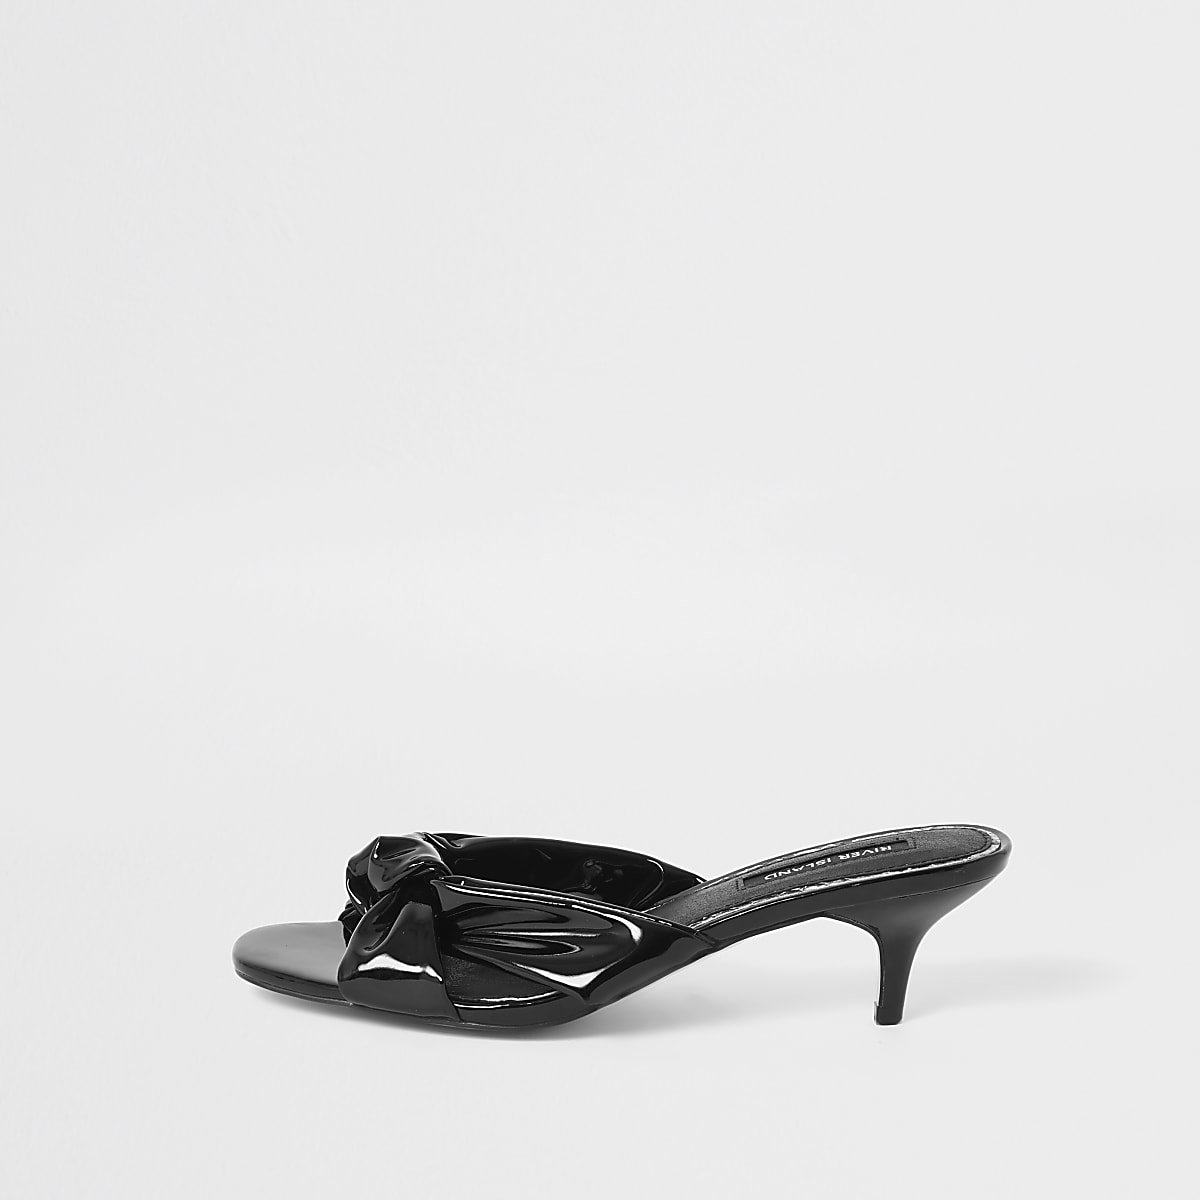 Zwarte sandalen met kittige hak en strik